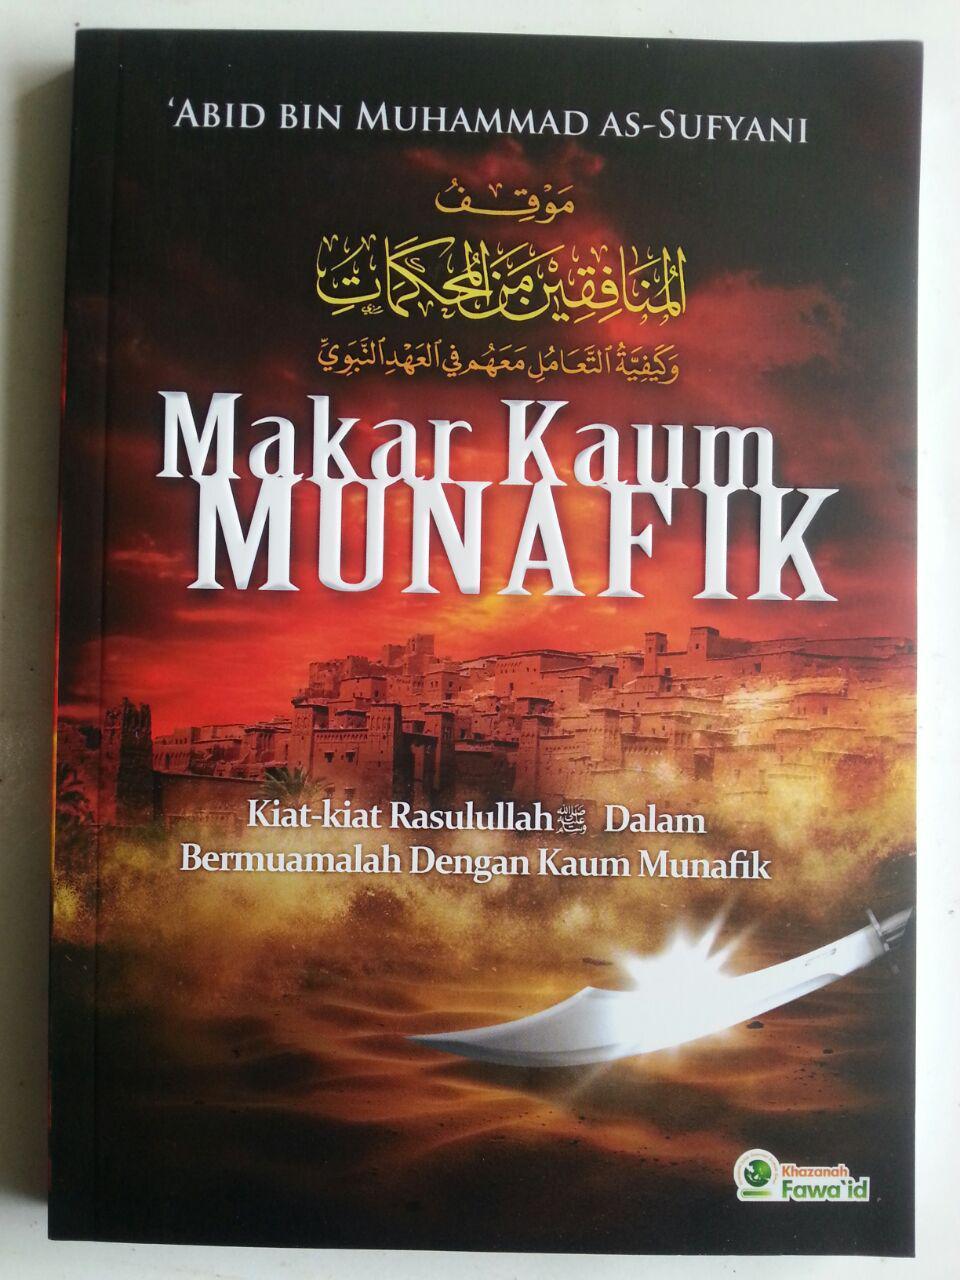 Buku Makar Kaum Munafik Kiat Rasul Bermuamalah Dengan Munafik cover 2